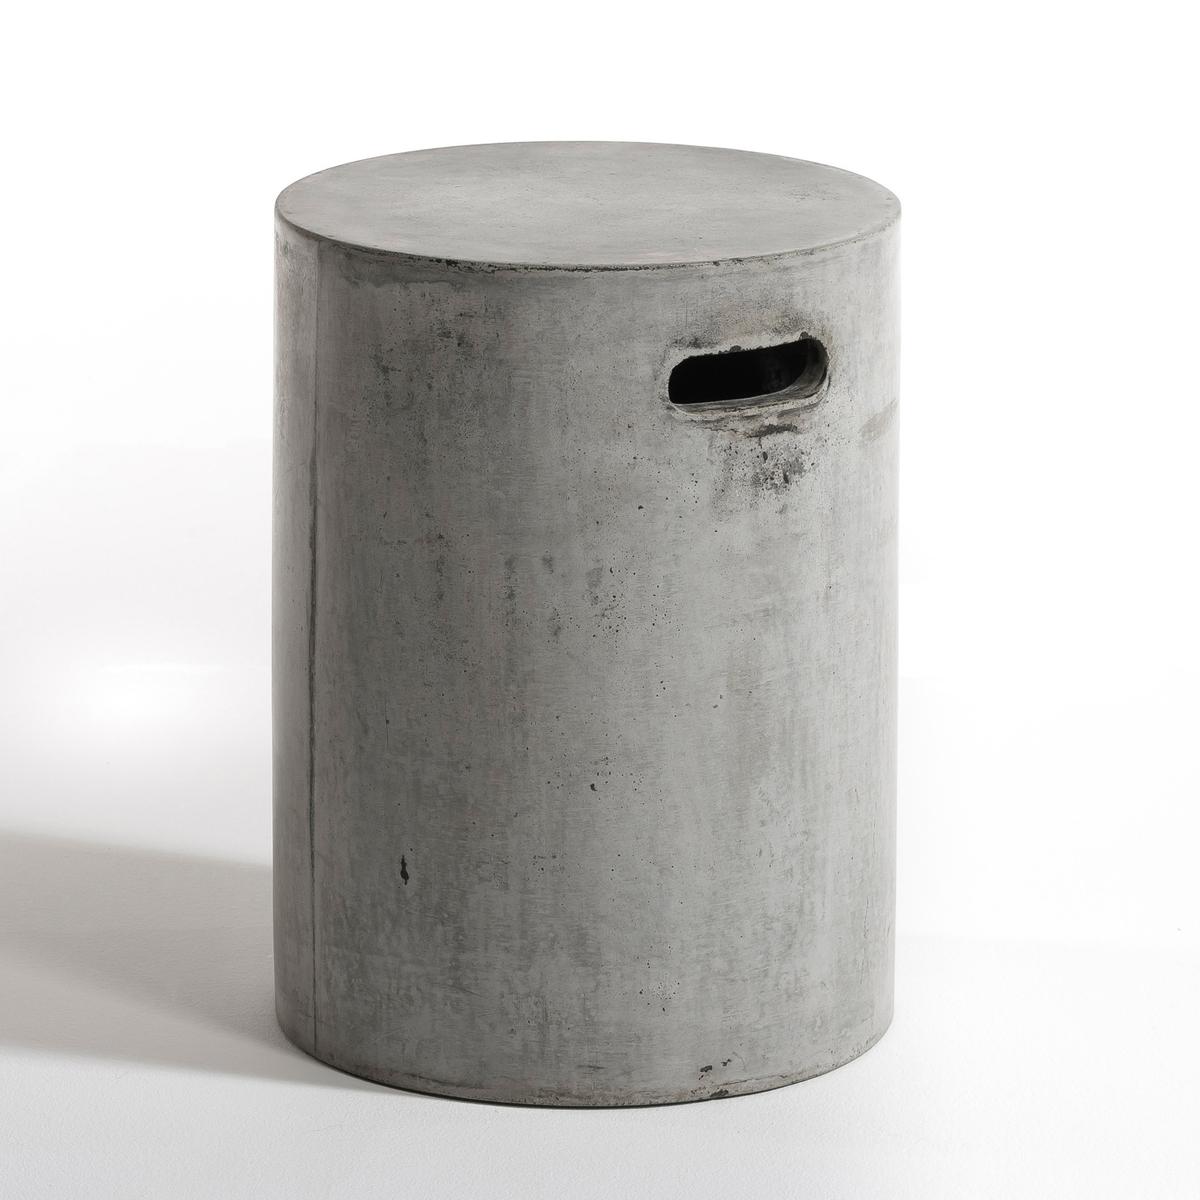 Журнальный столик Tatum, цемент от La Redoute